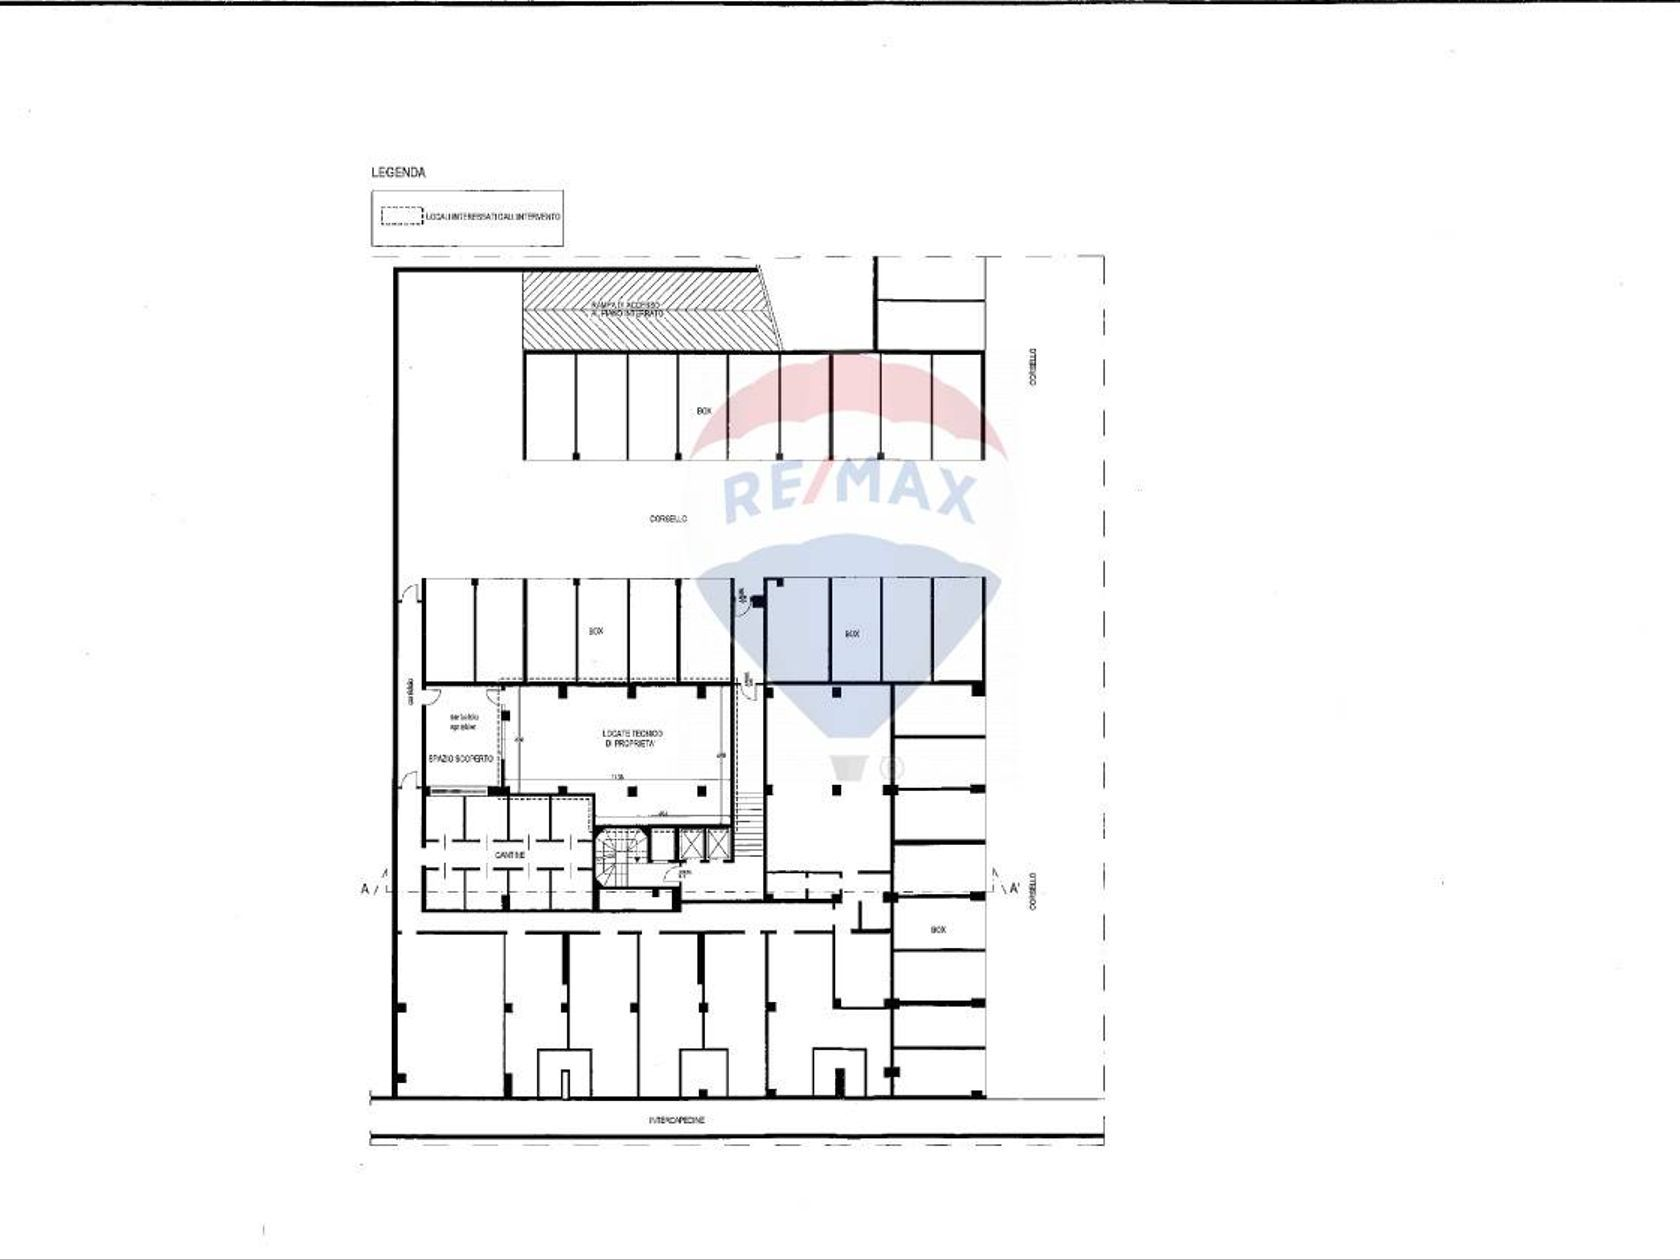 Ufficio Milano-bicocca Greco Monza Palmanova, Milano, MI Vendita - Planimetria 2